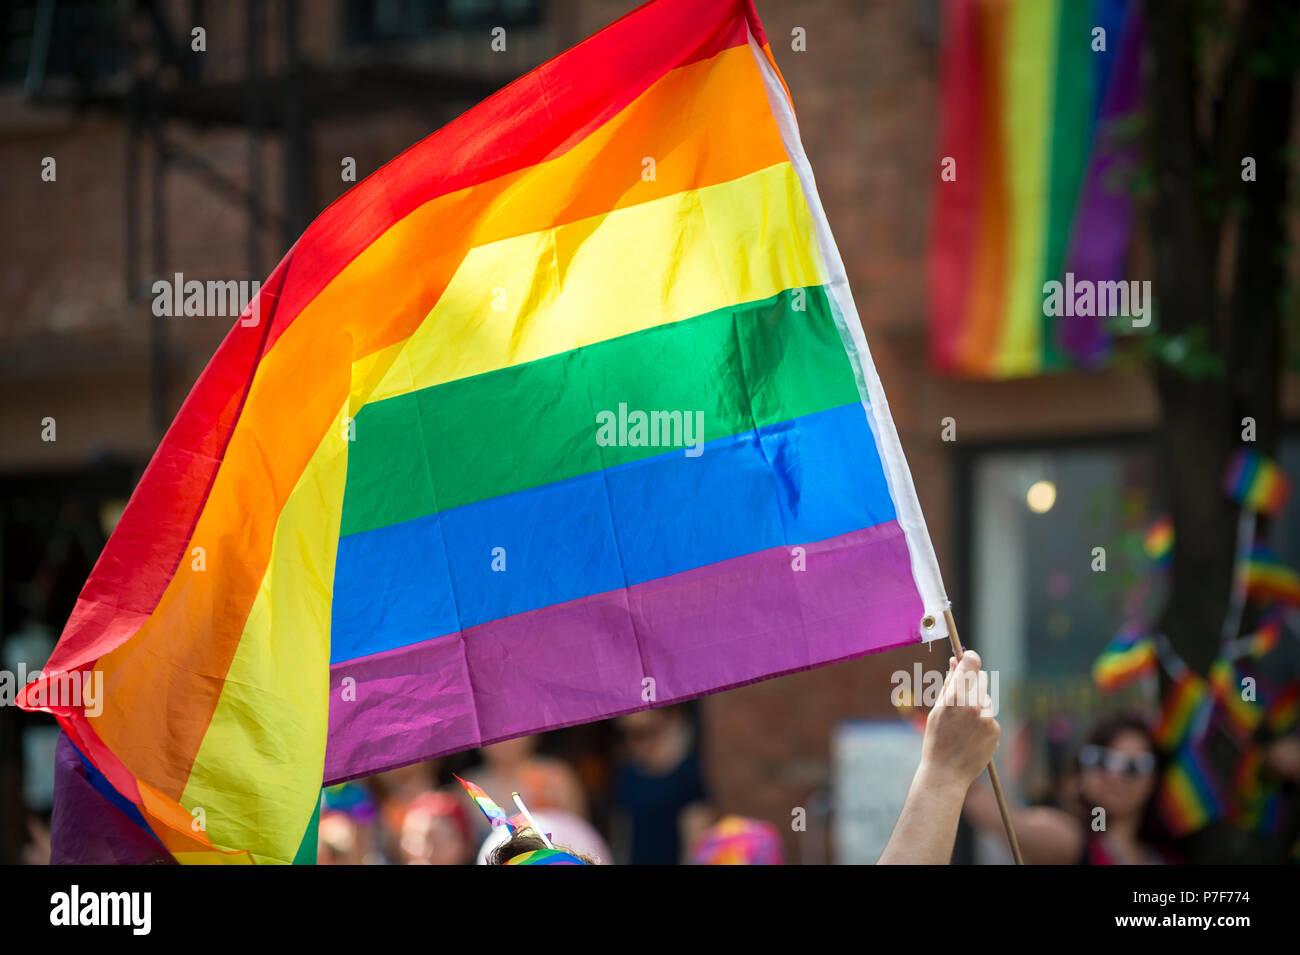 Partecipante con grande retroilluminato bandiera arcobaleno nel bilancio annuale Gay Pride Parade mentre passa attraverso il Greenwich Village. Immagini Stock